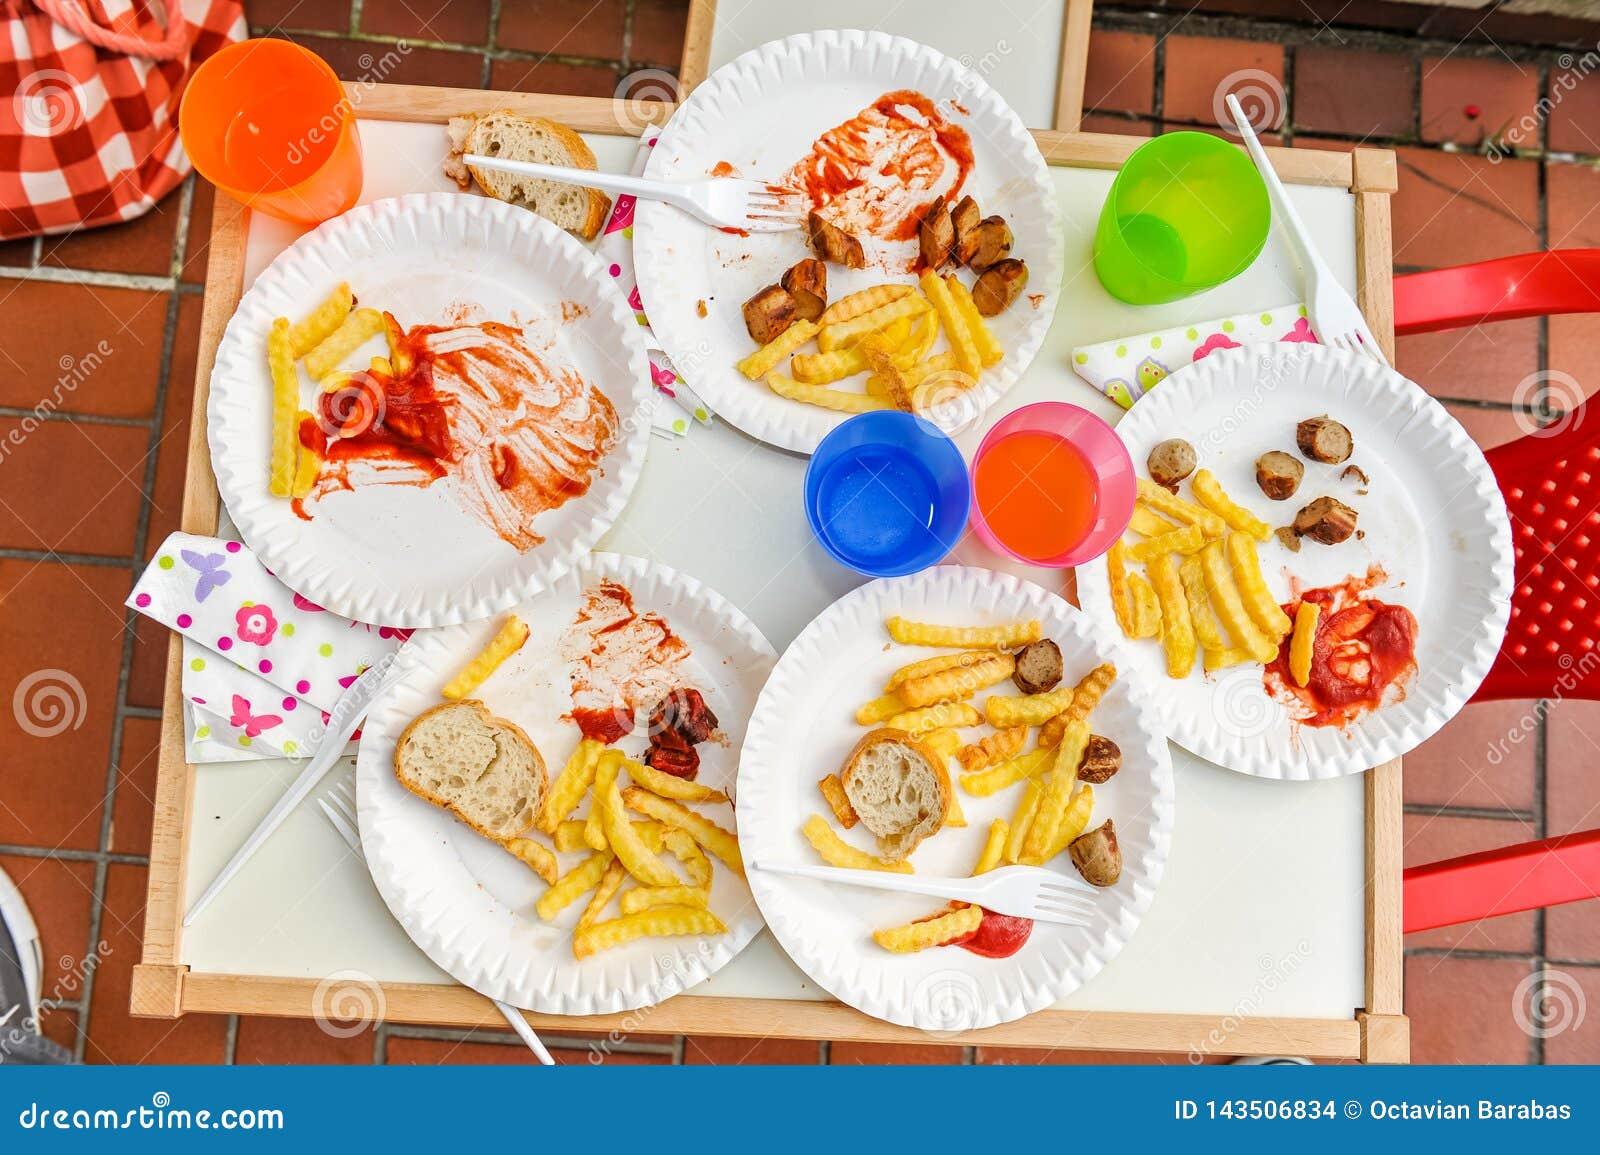 Kinderen gebeëindigde maaltijd met frieten